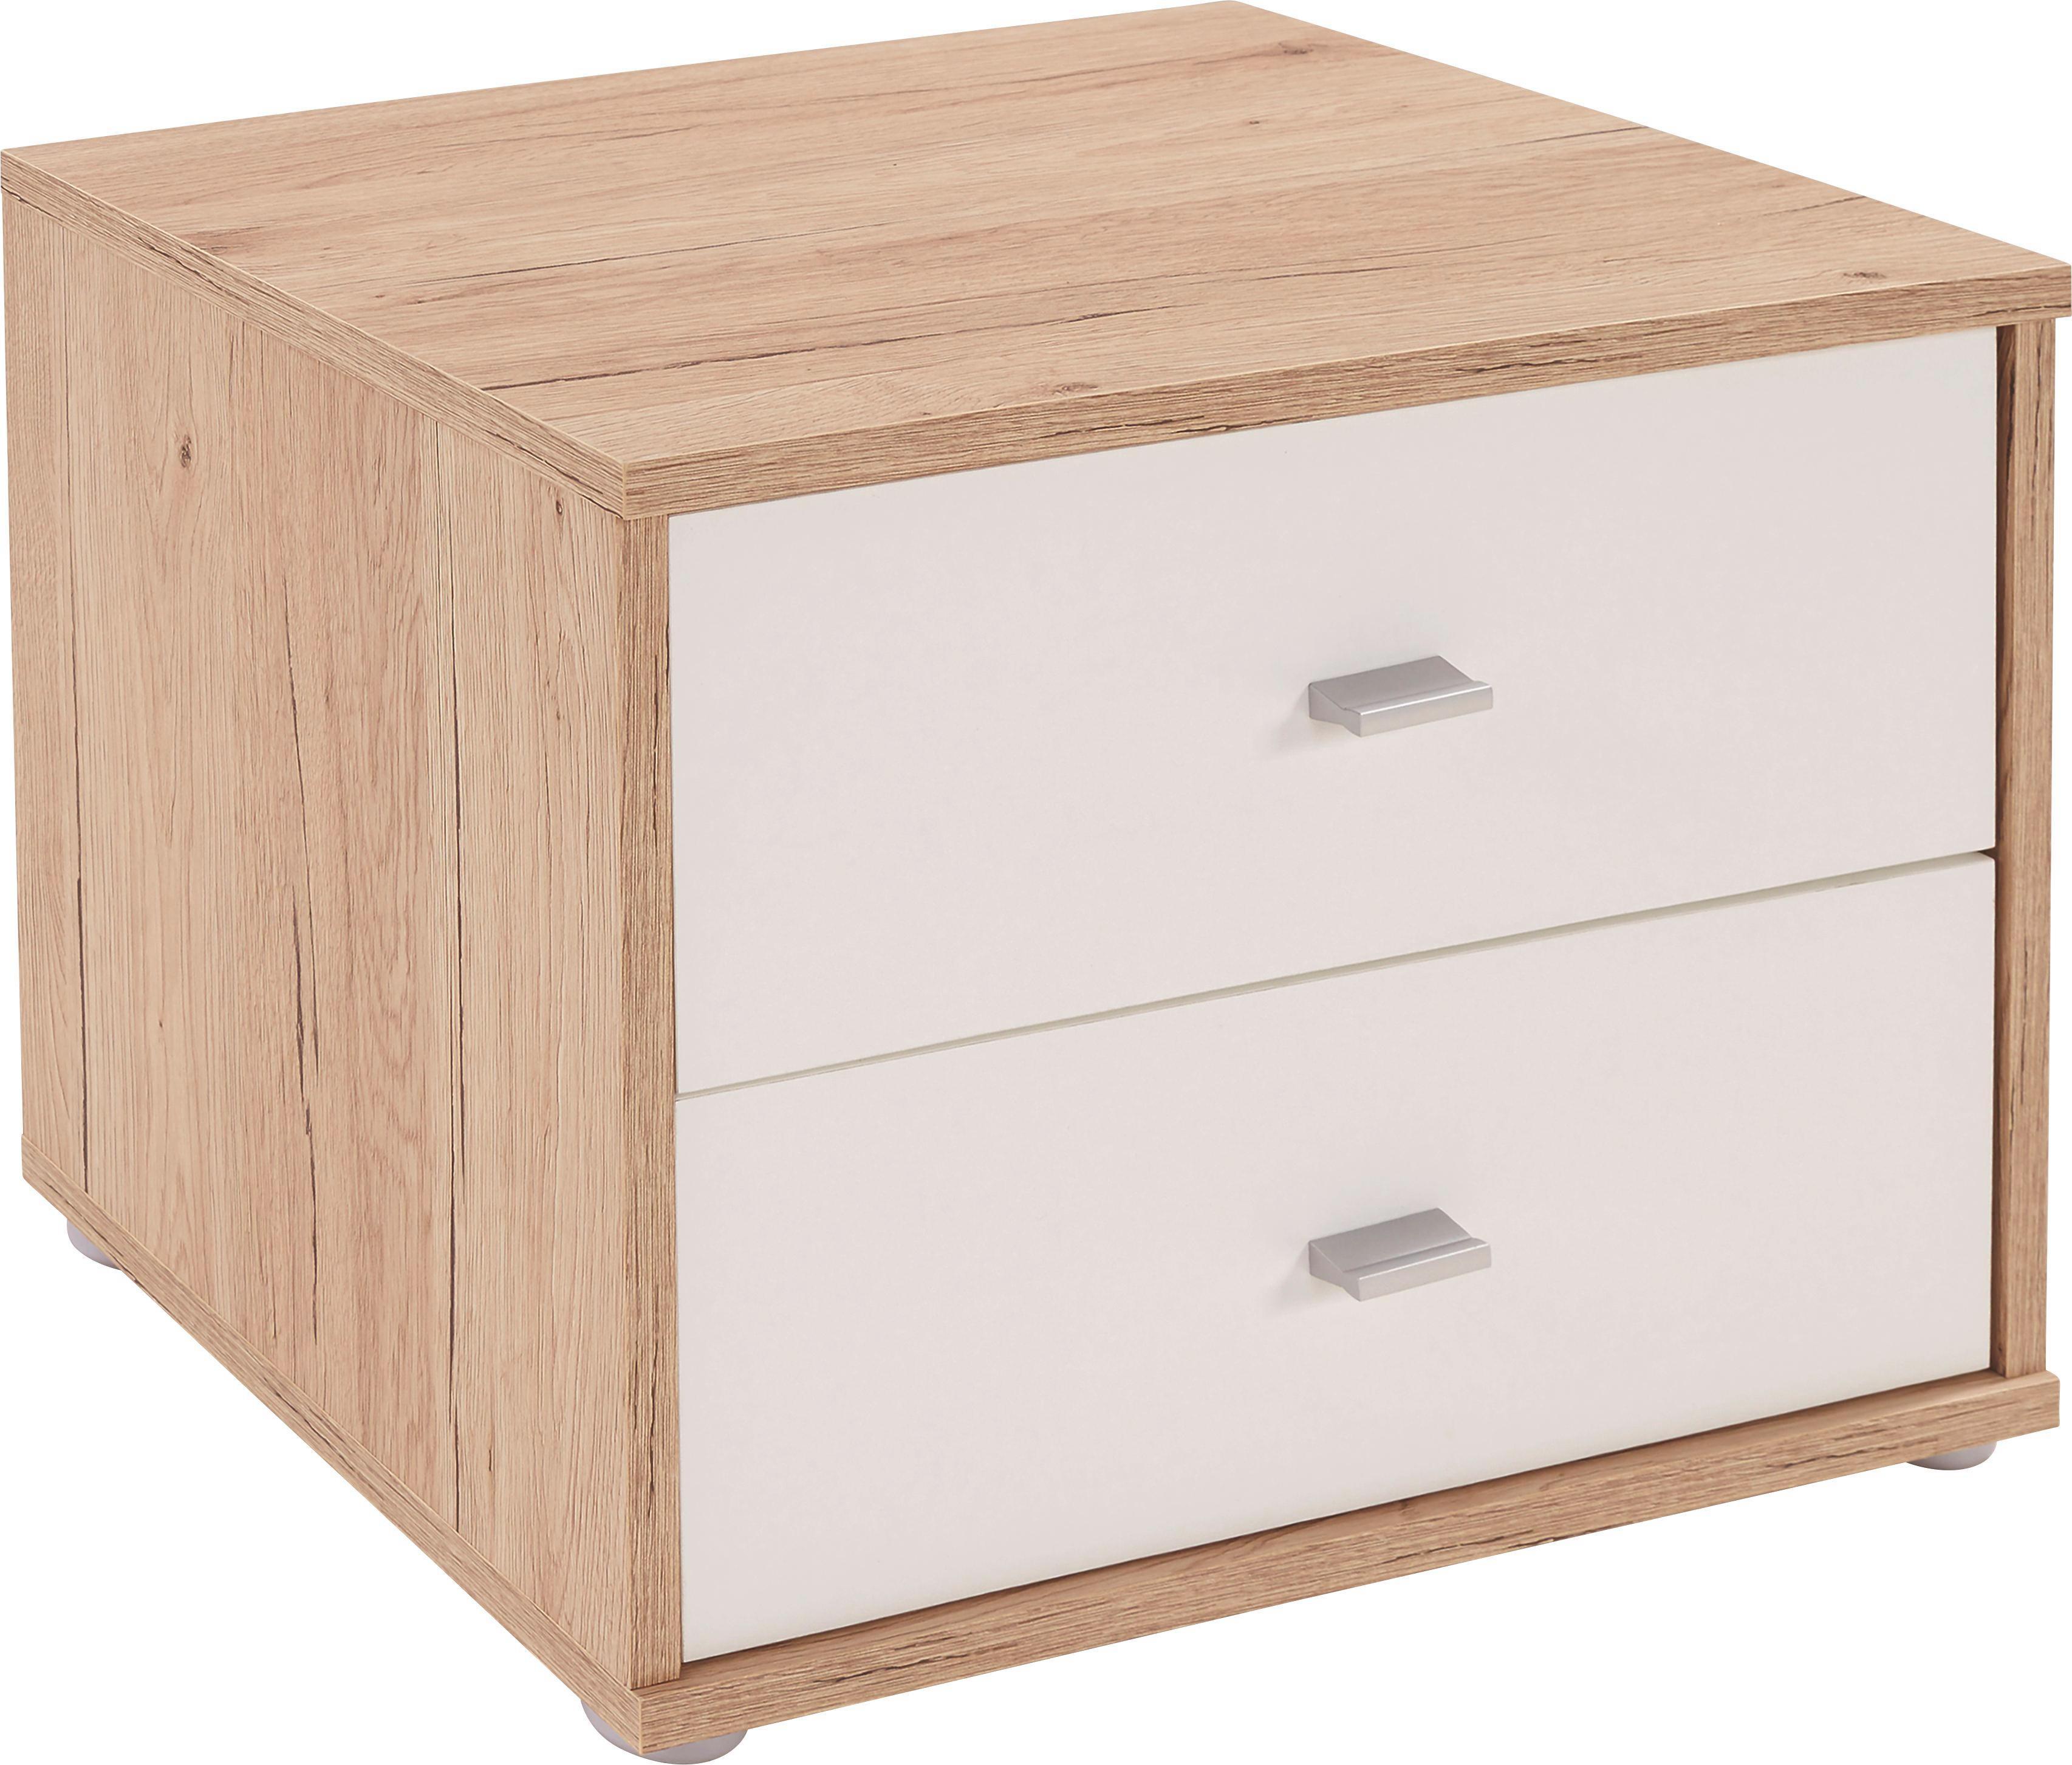 Éjjeliszekrény 4-you Yuk12 - tölgy színű/fehér, konvencionális, faanyagok (50/38.1/35.2cm)